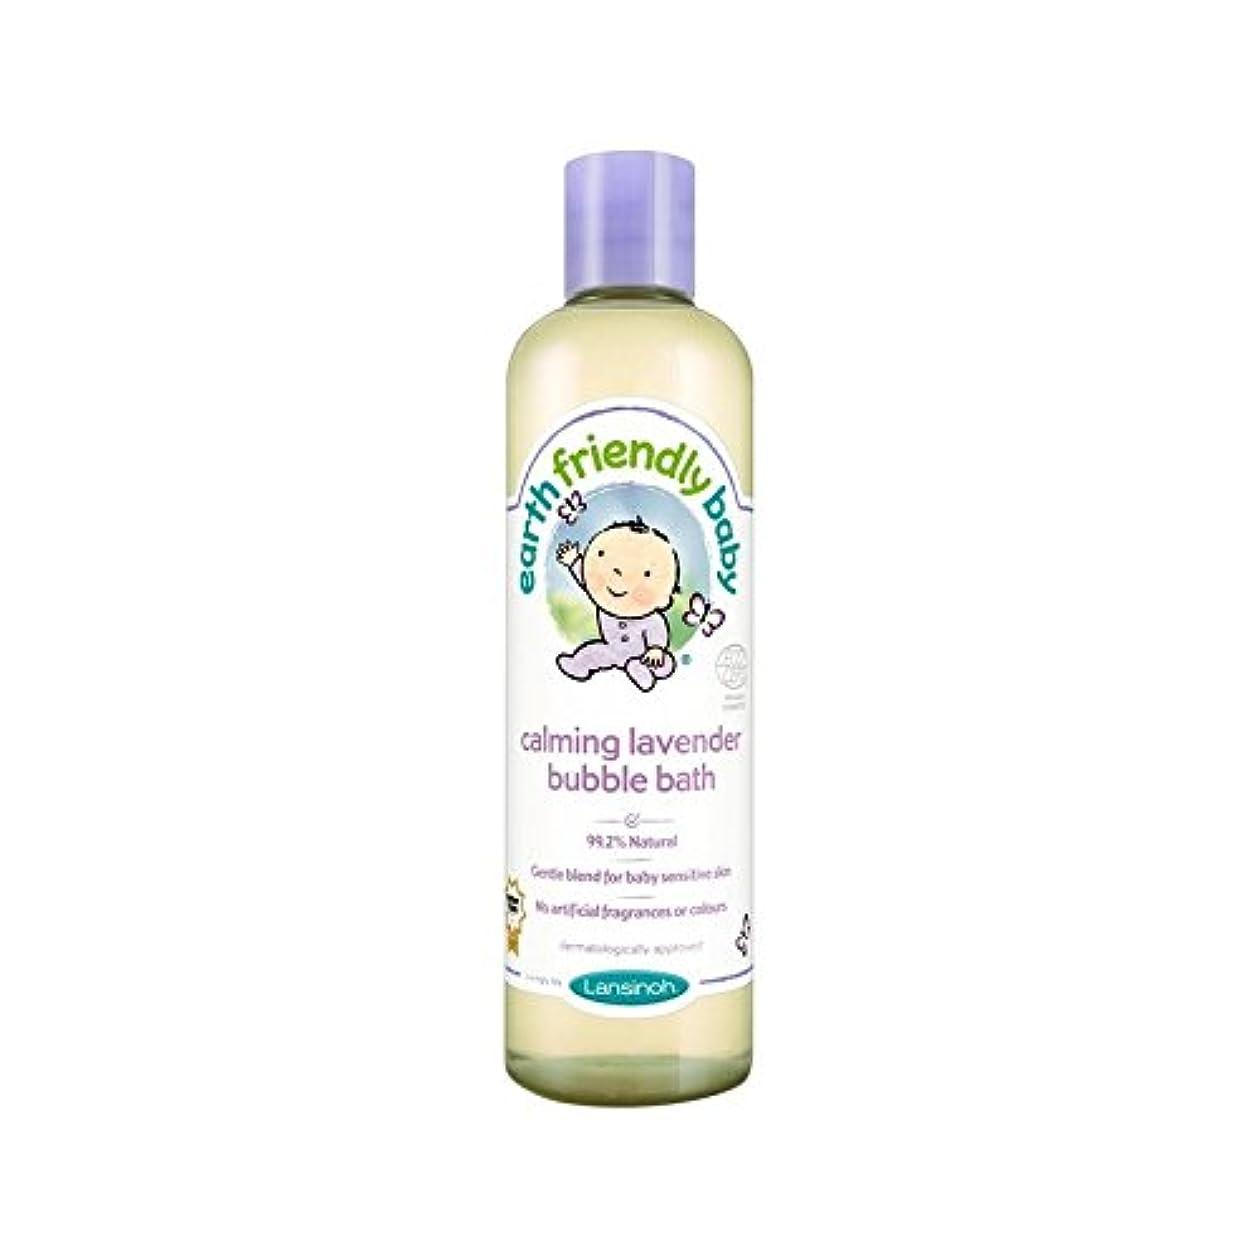 専門知識大胆なドレス赤ちゃん沈静ラベンダー泡風呂のエコサートの300ミリリットル (Earth Friendly) (x 6) - Earth Friendly Baby Calming Lavender Bubble Bath ECOCERT...